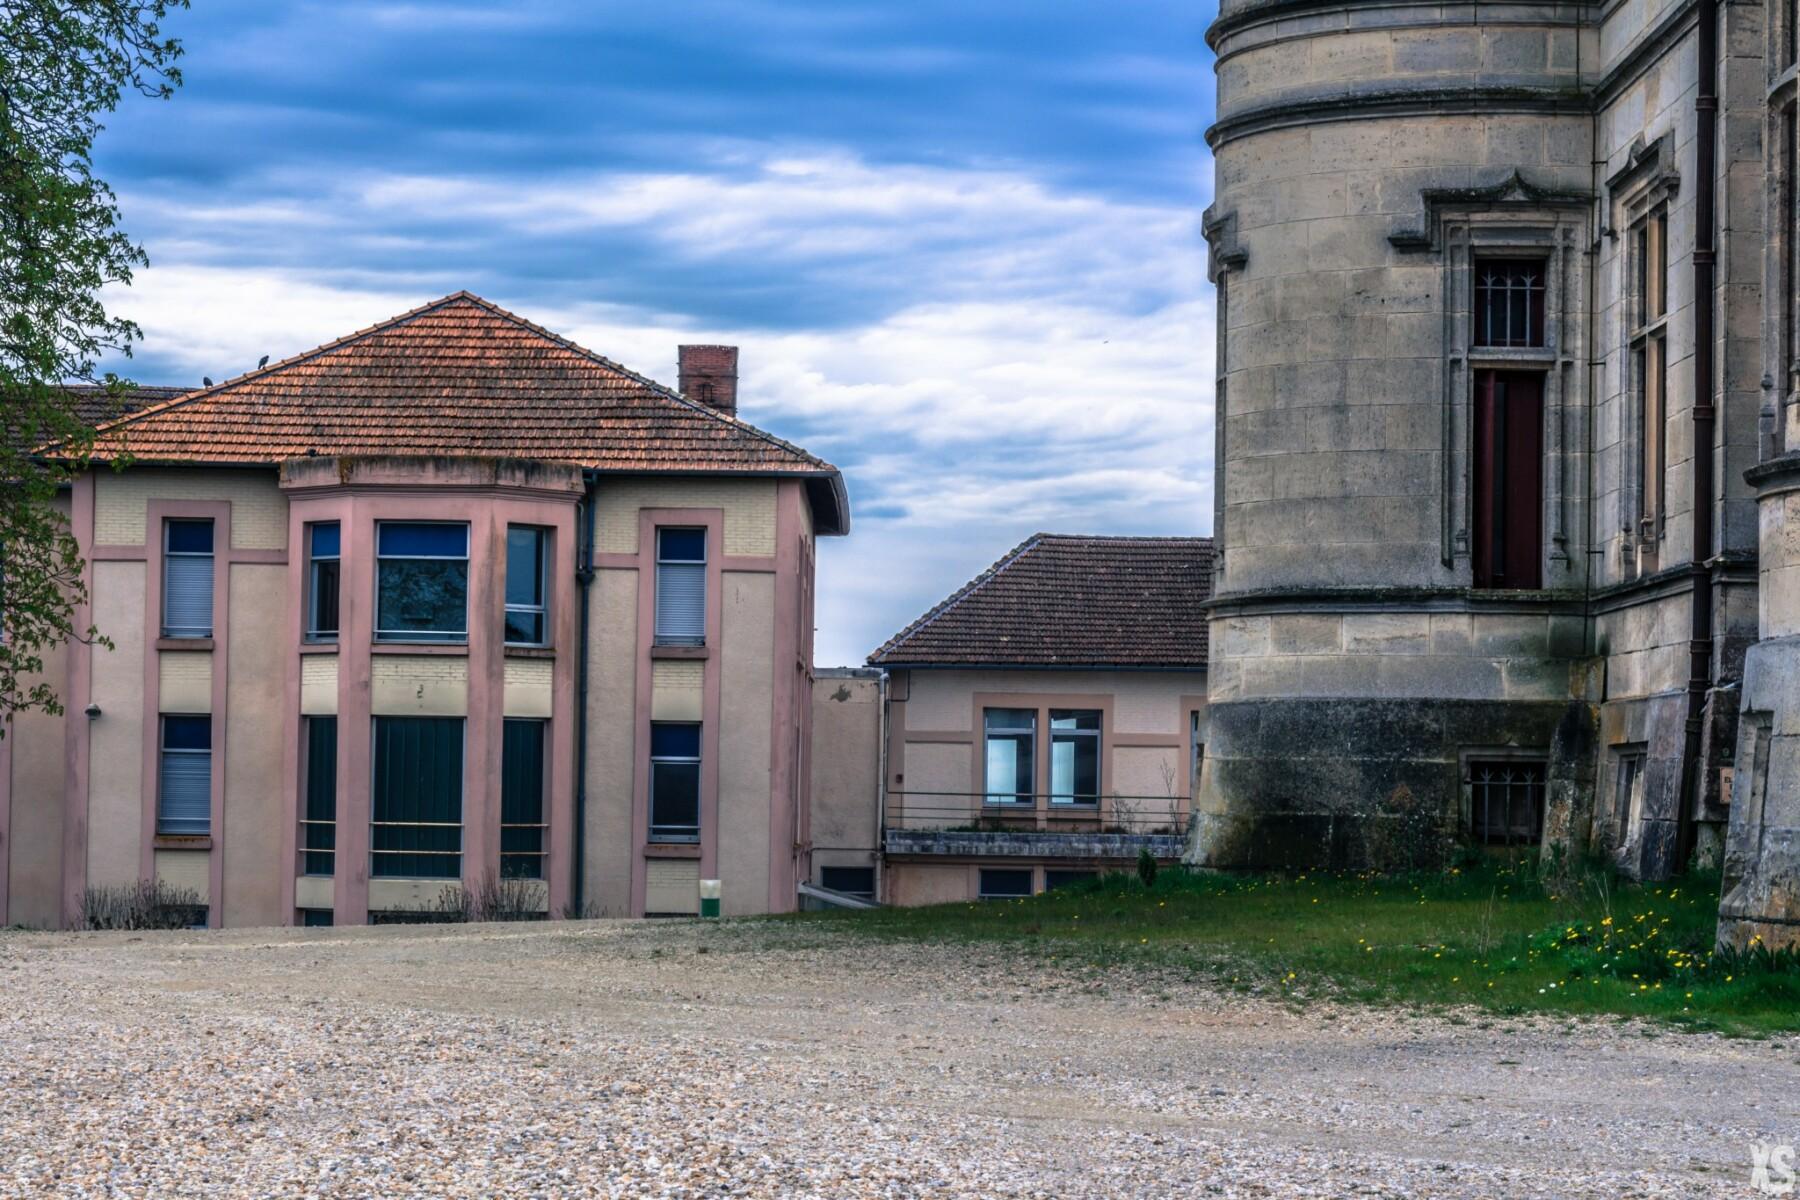 sanatorium-eugene-aram-3a